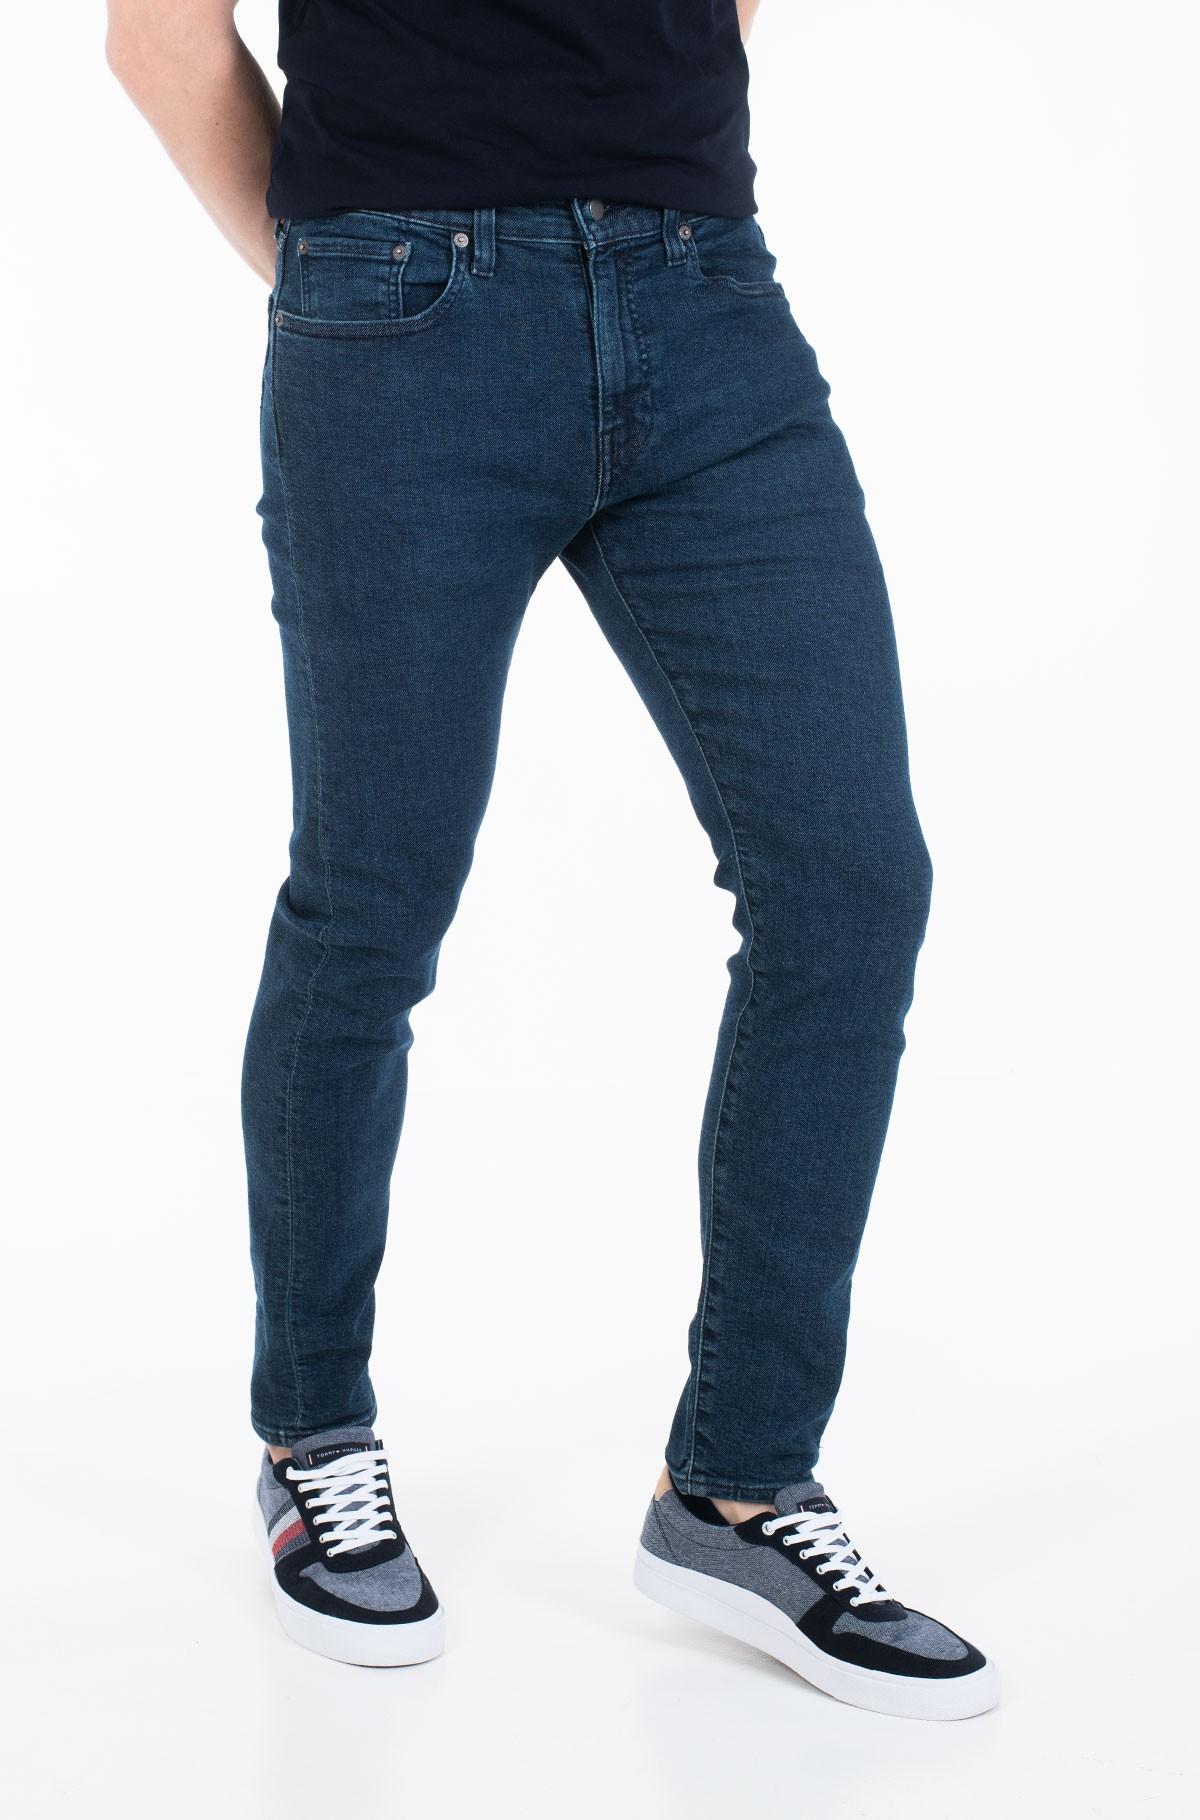 Jeans 288330581-full-1